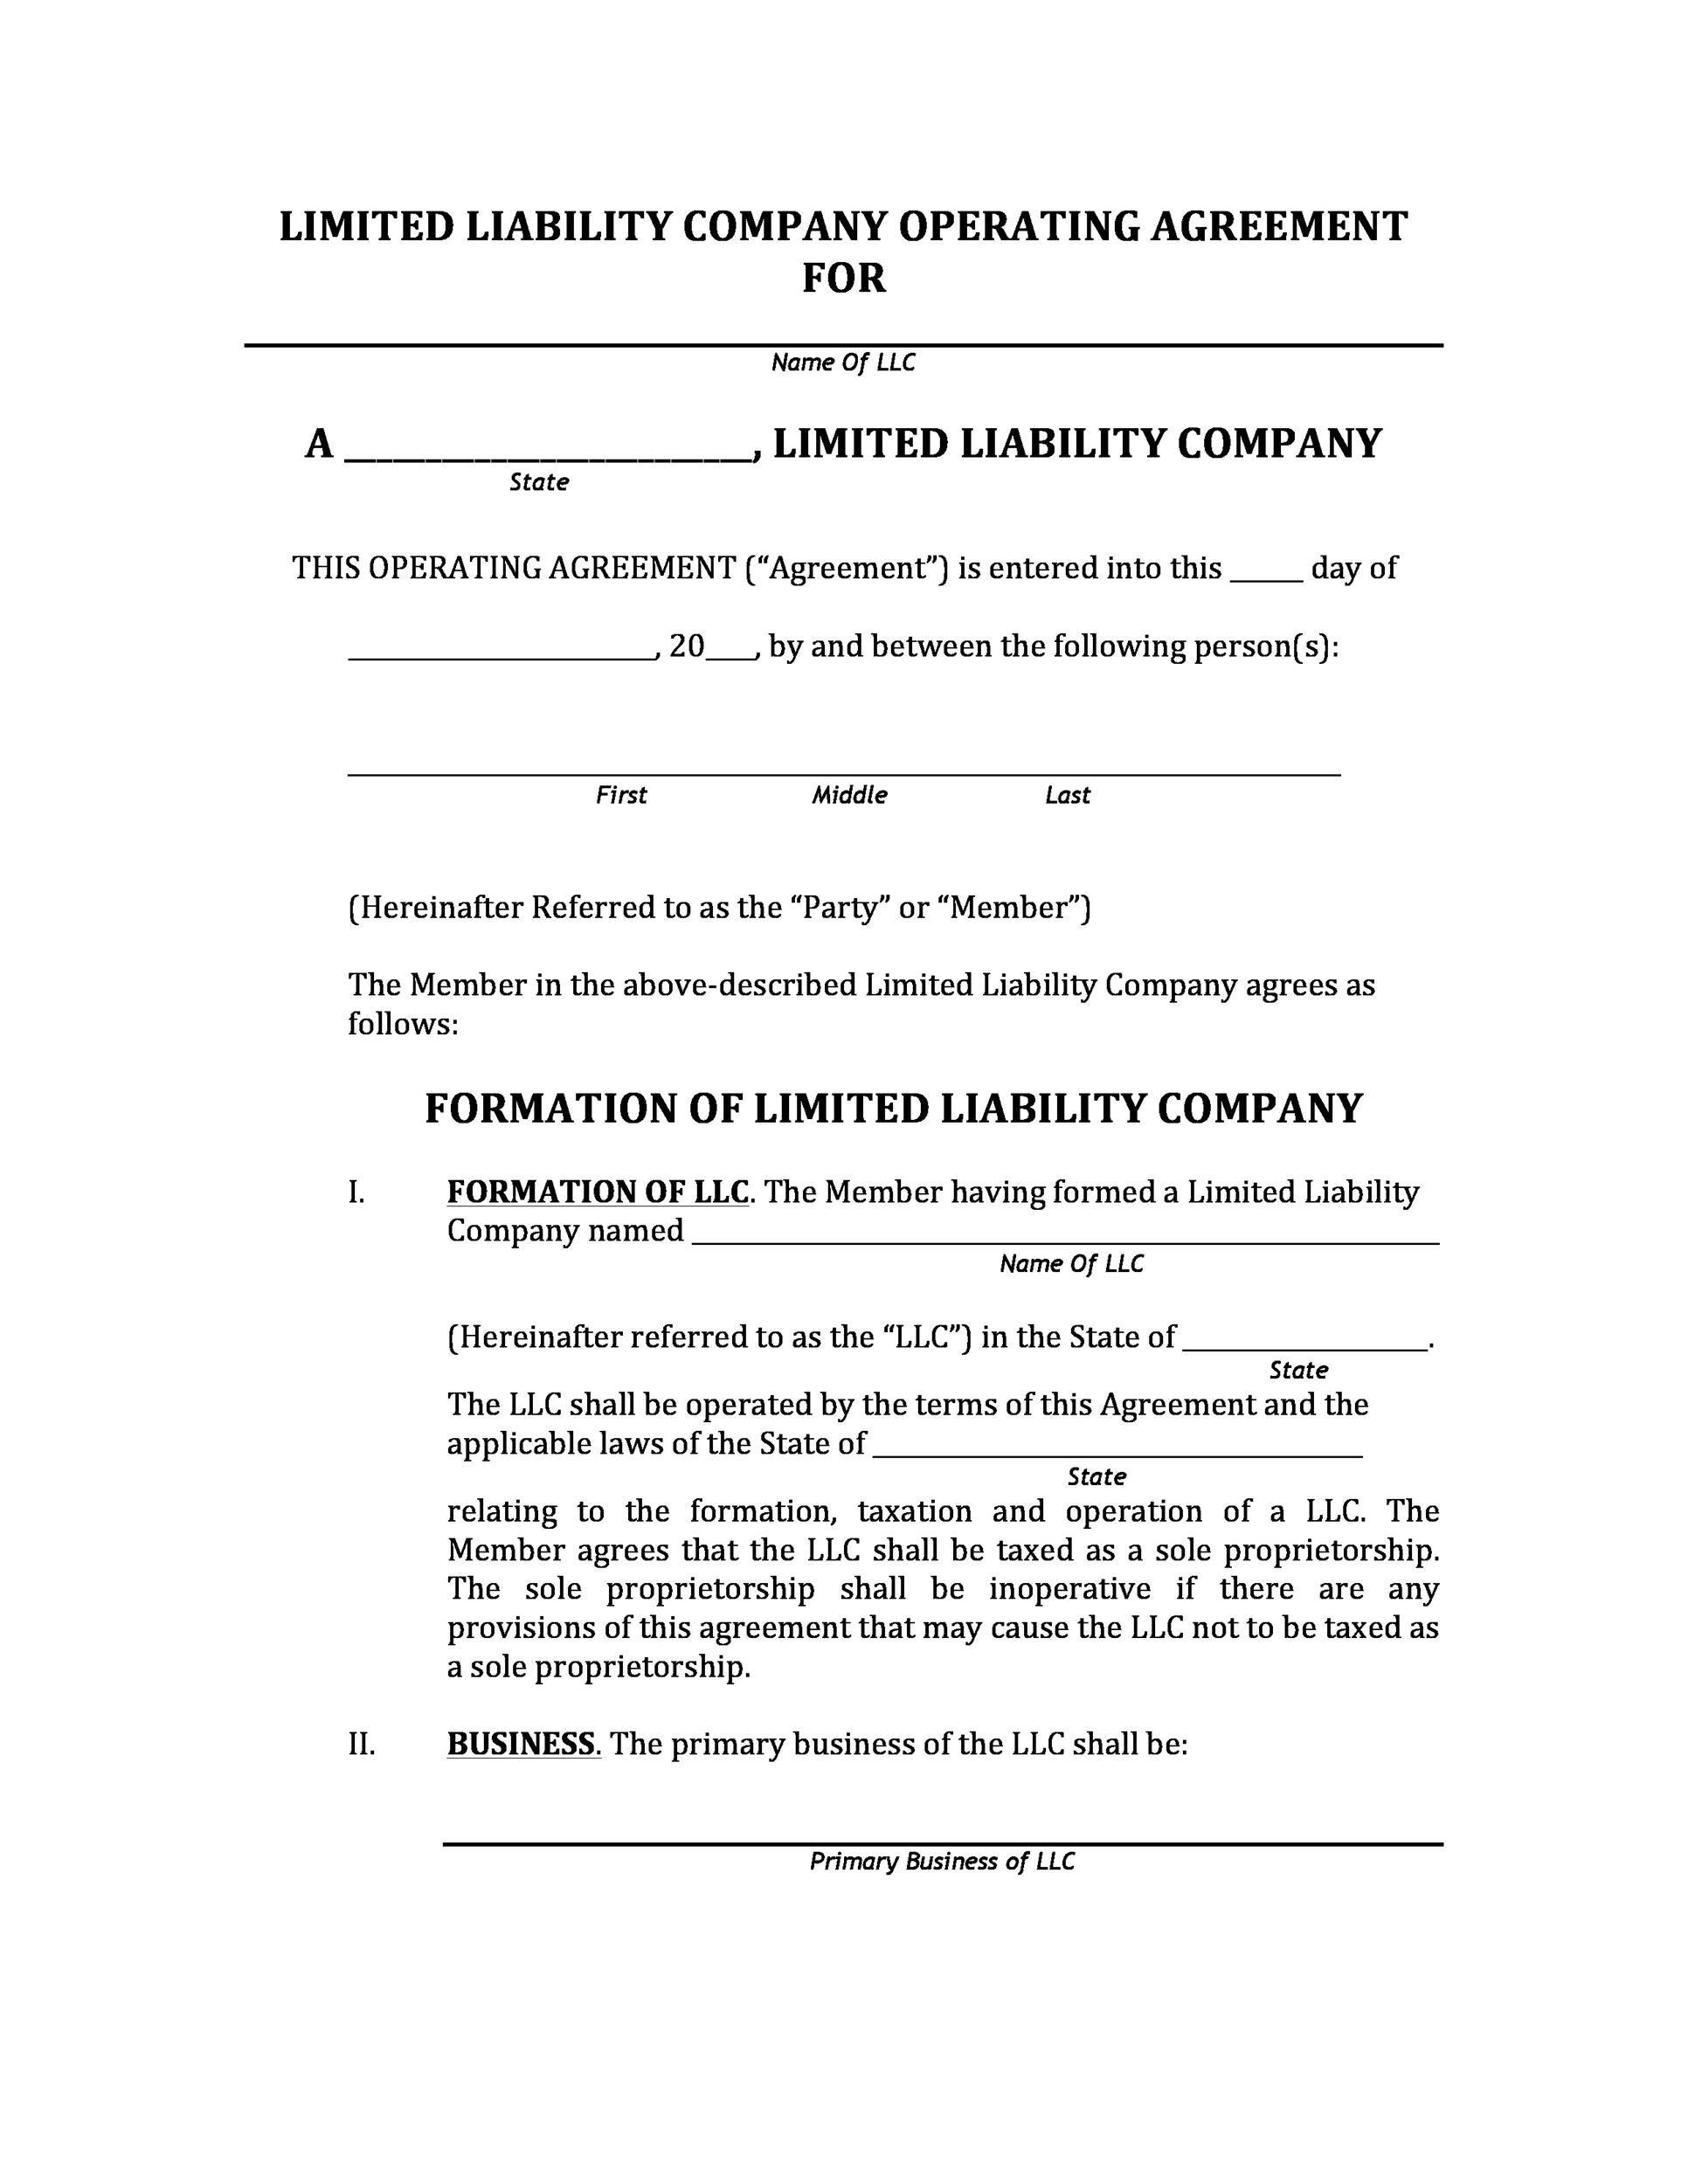 006 Beautiful Llc Operating Agreement Template Free Sample  Single Member Pdf Simple DownloadFull